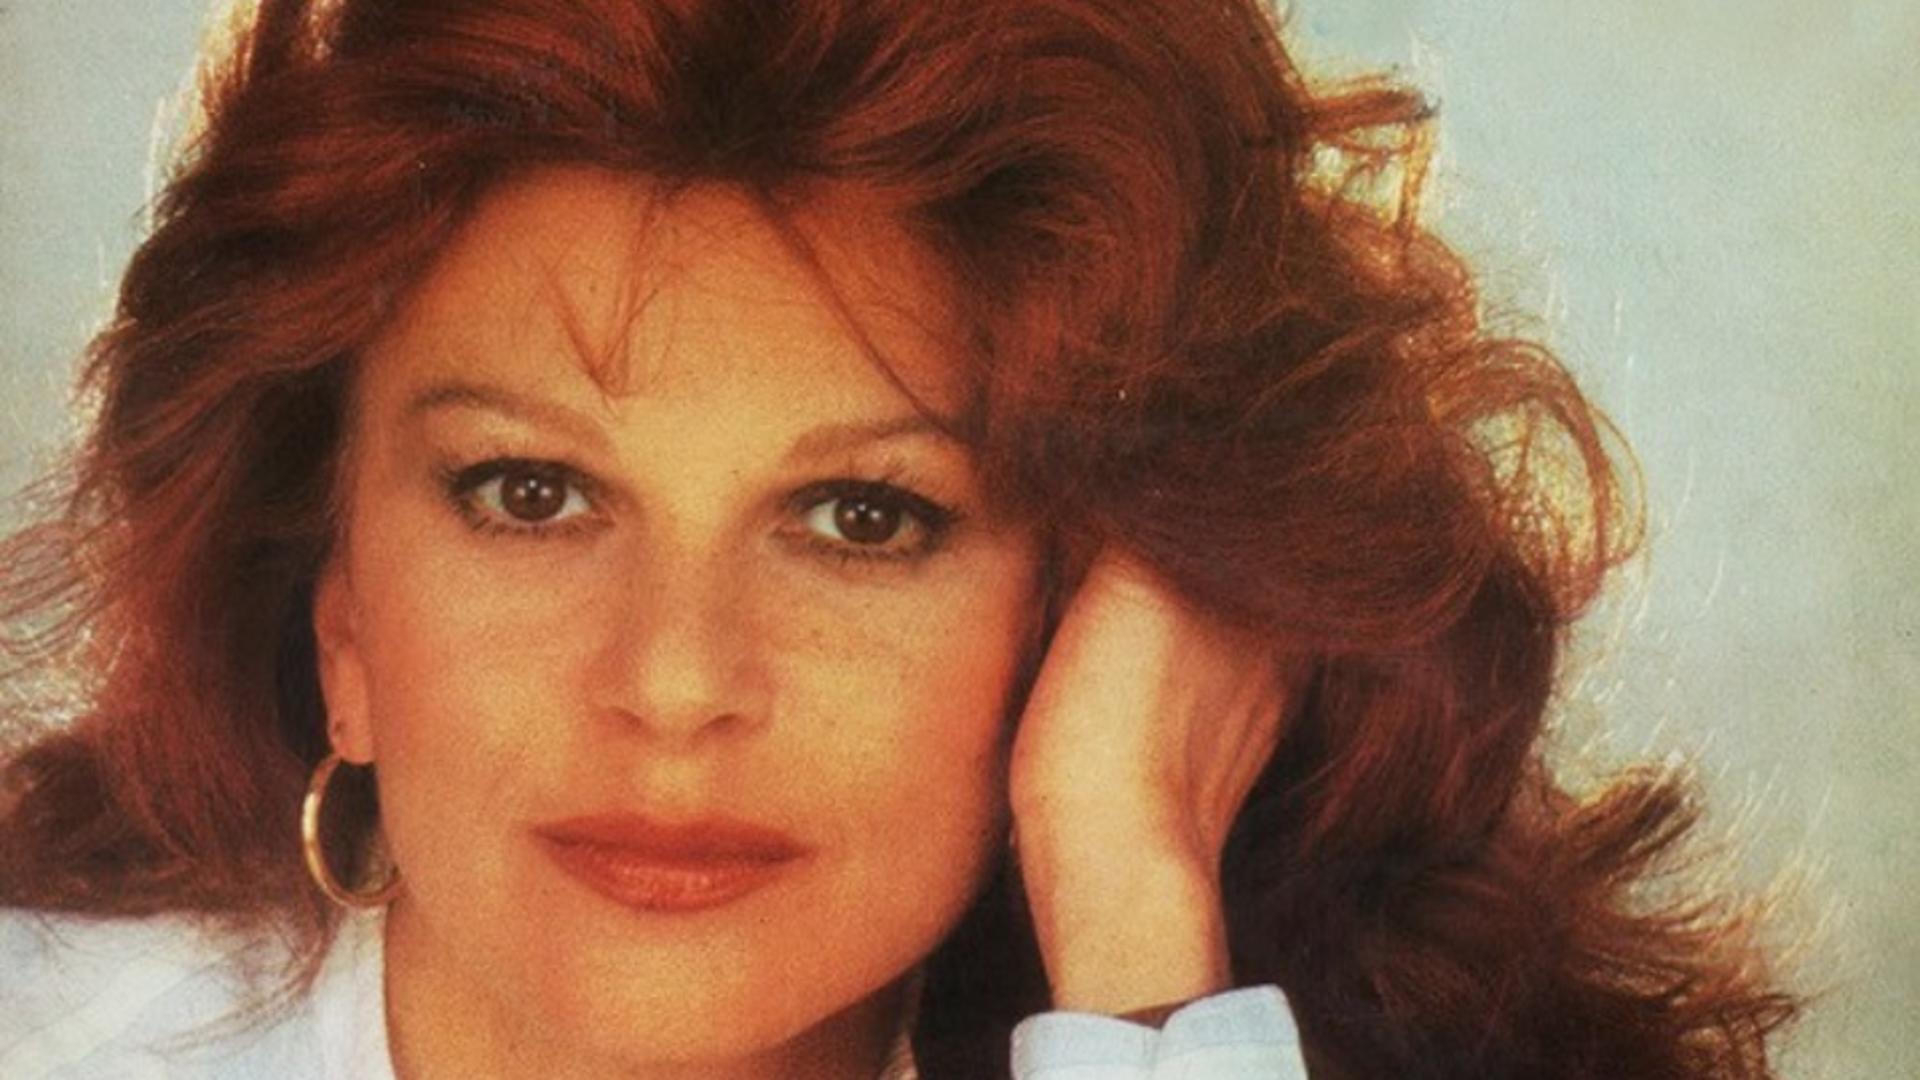 Celebra cântăreață italiană Milva a murit, la 10 ani de la retragerea de pe scenă